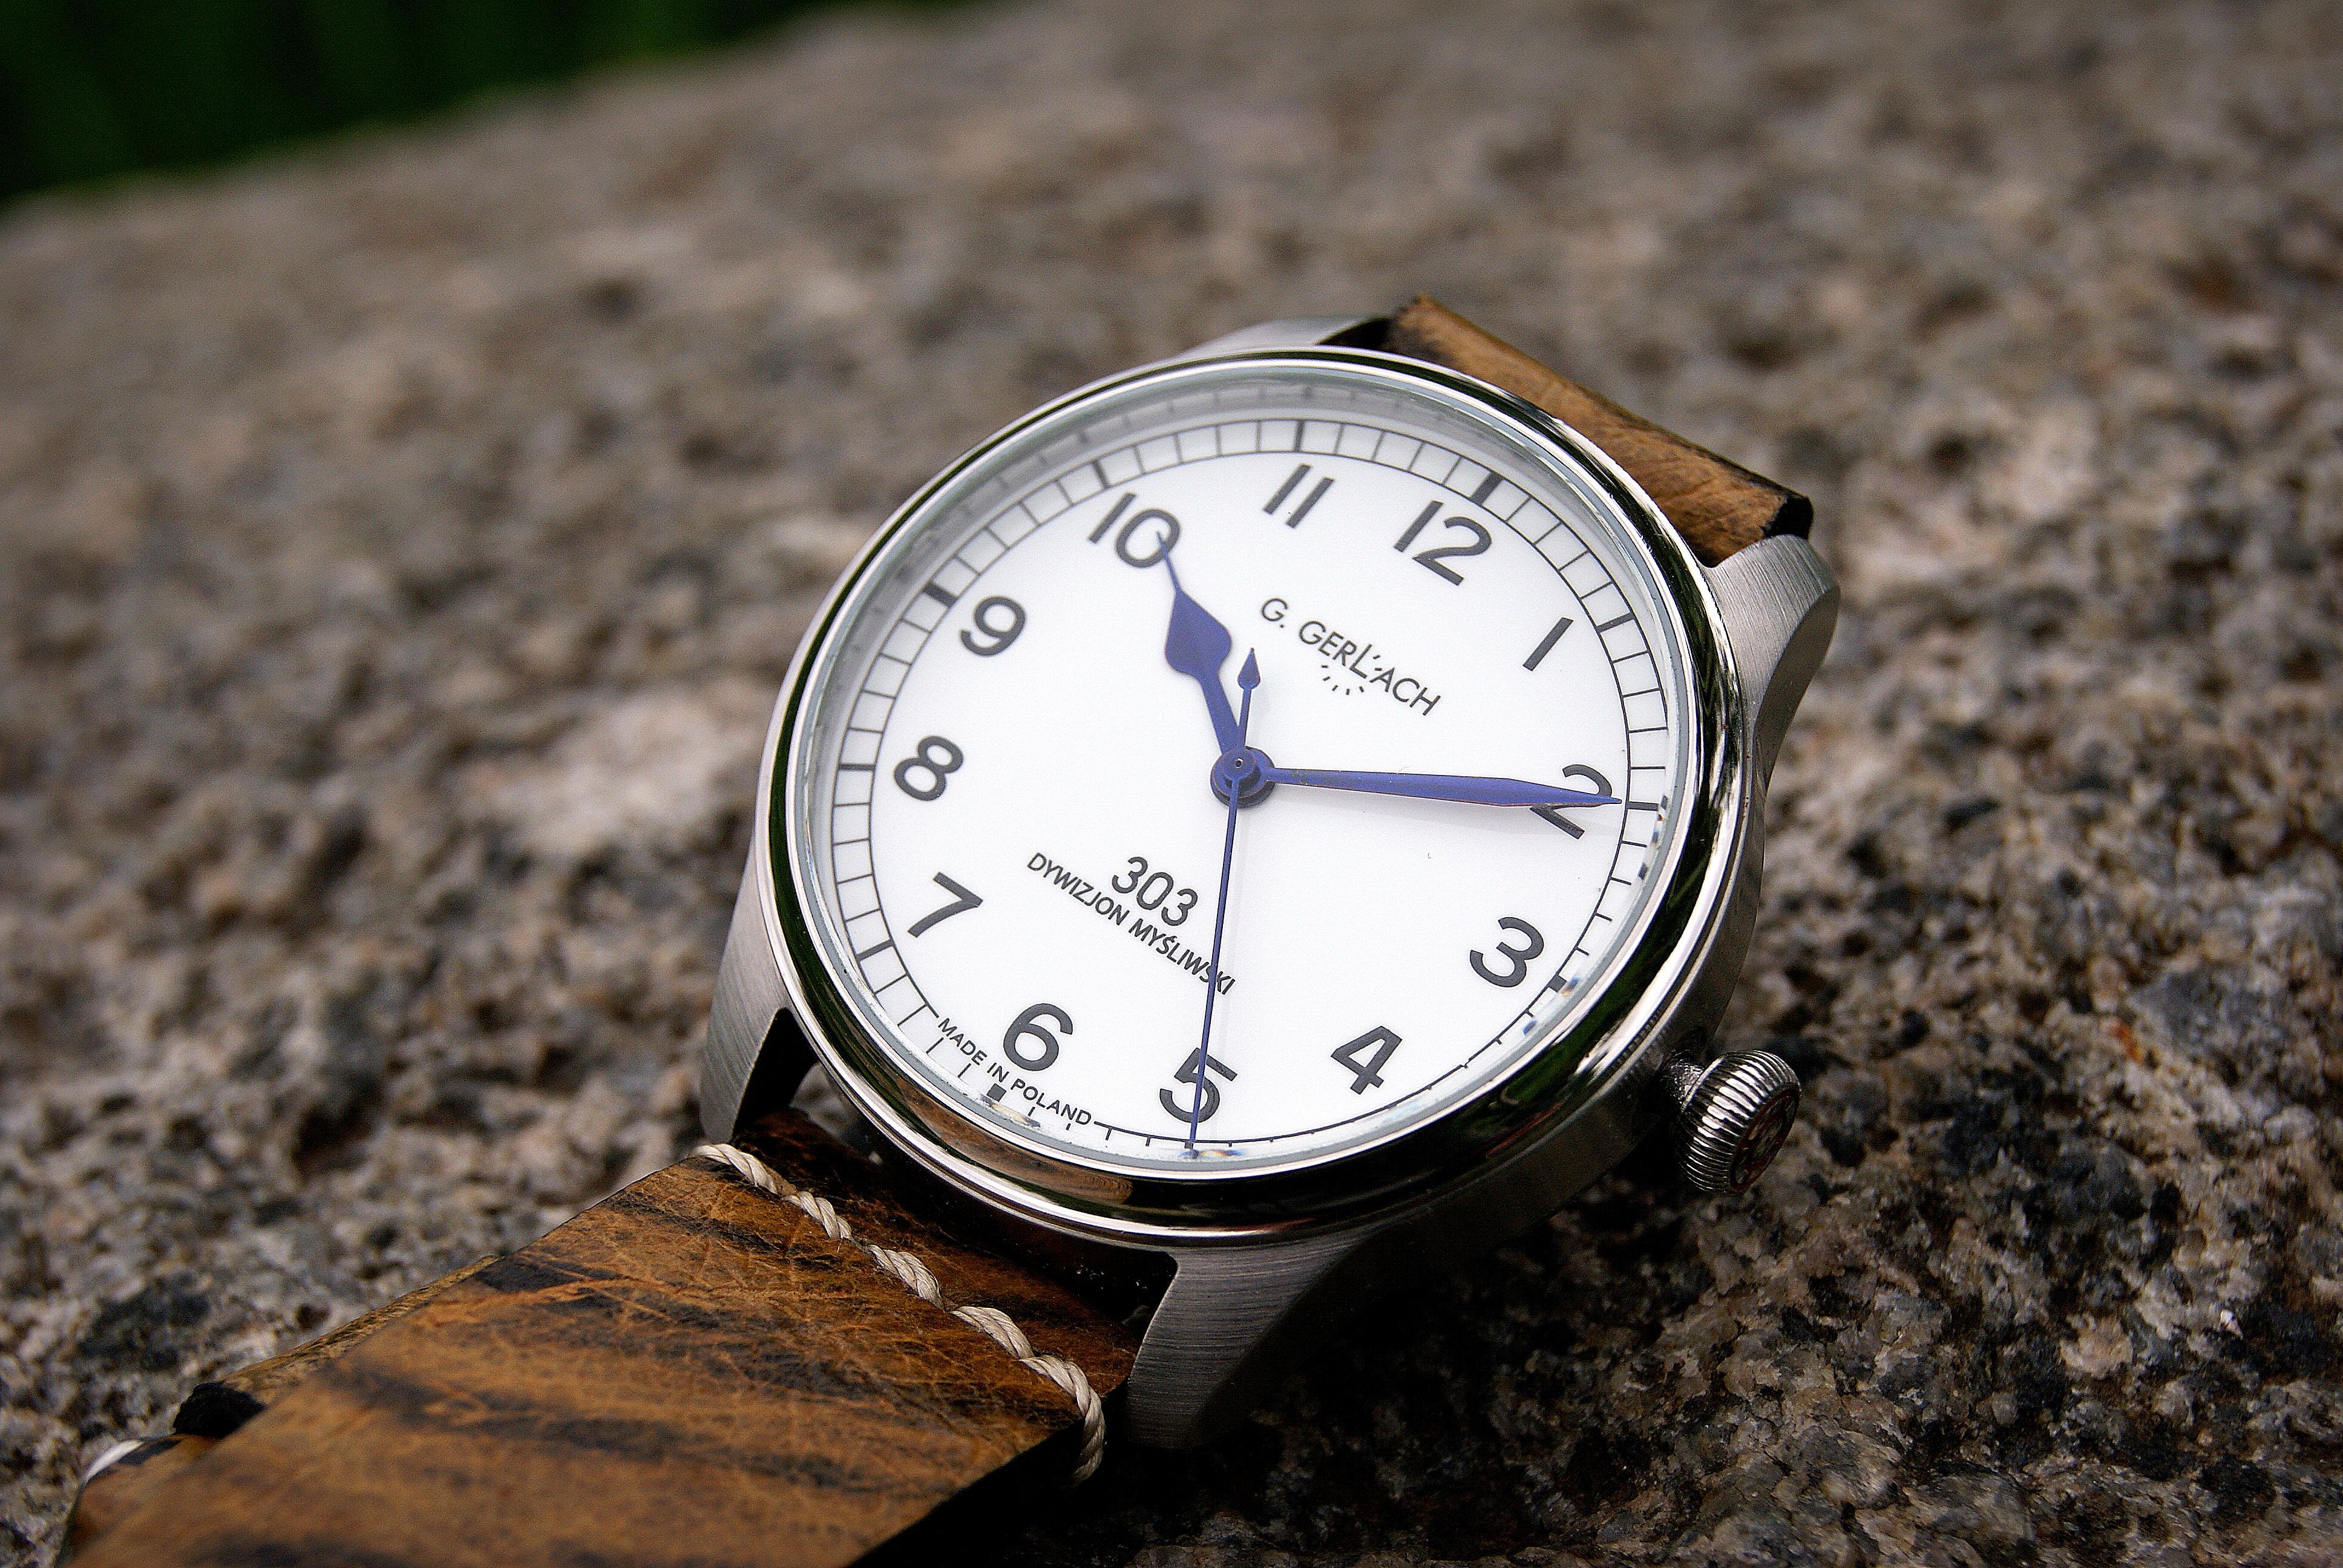 G. Gerlach: la montre polonaise! - Page 2 Dsc06508001